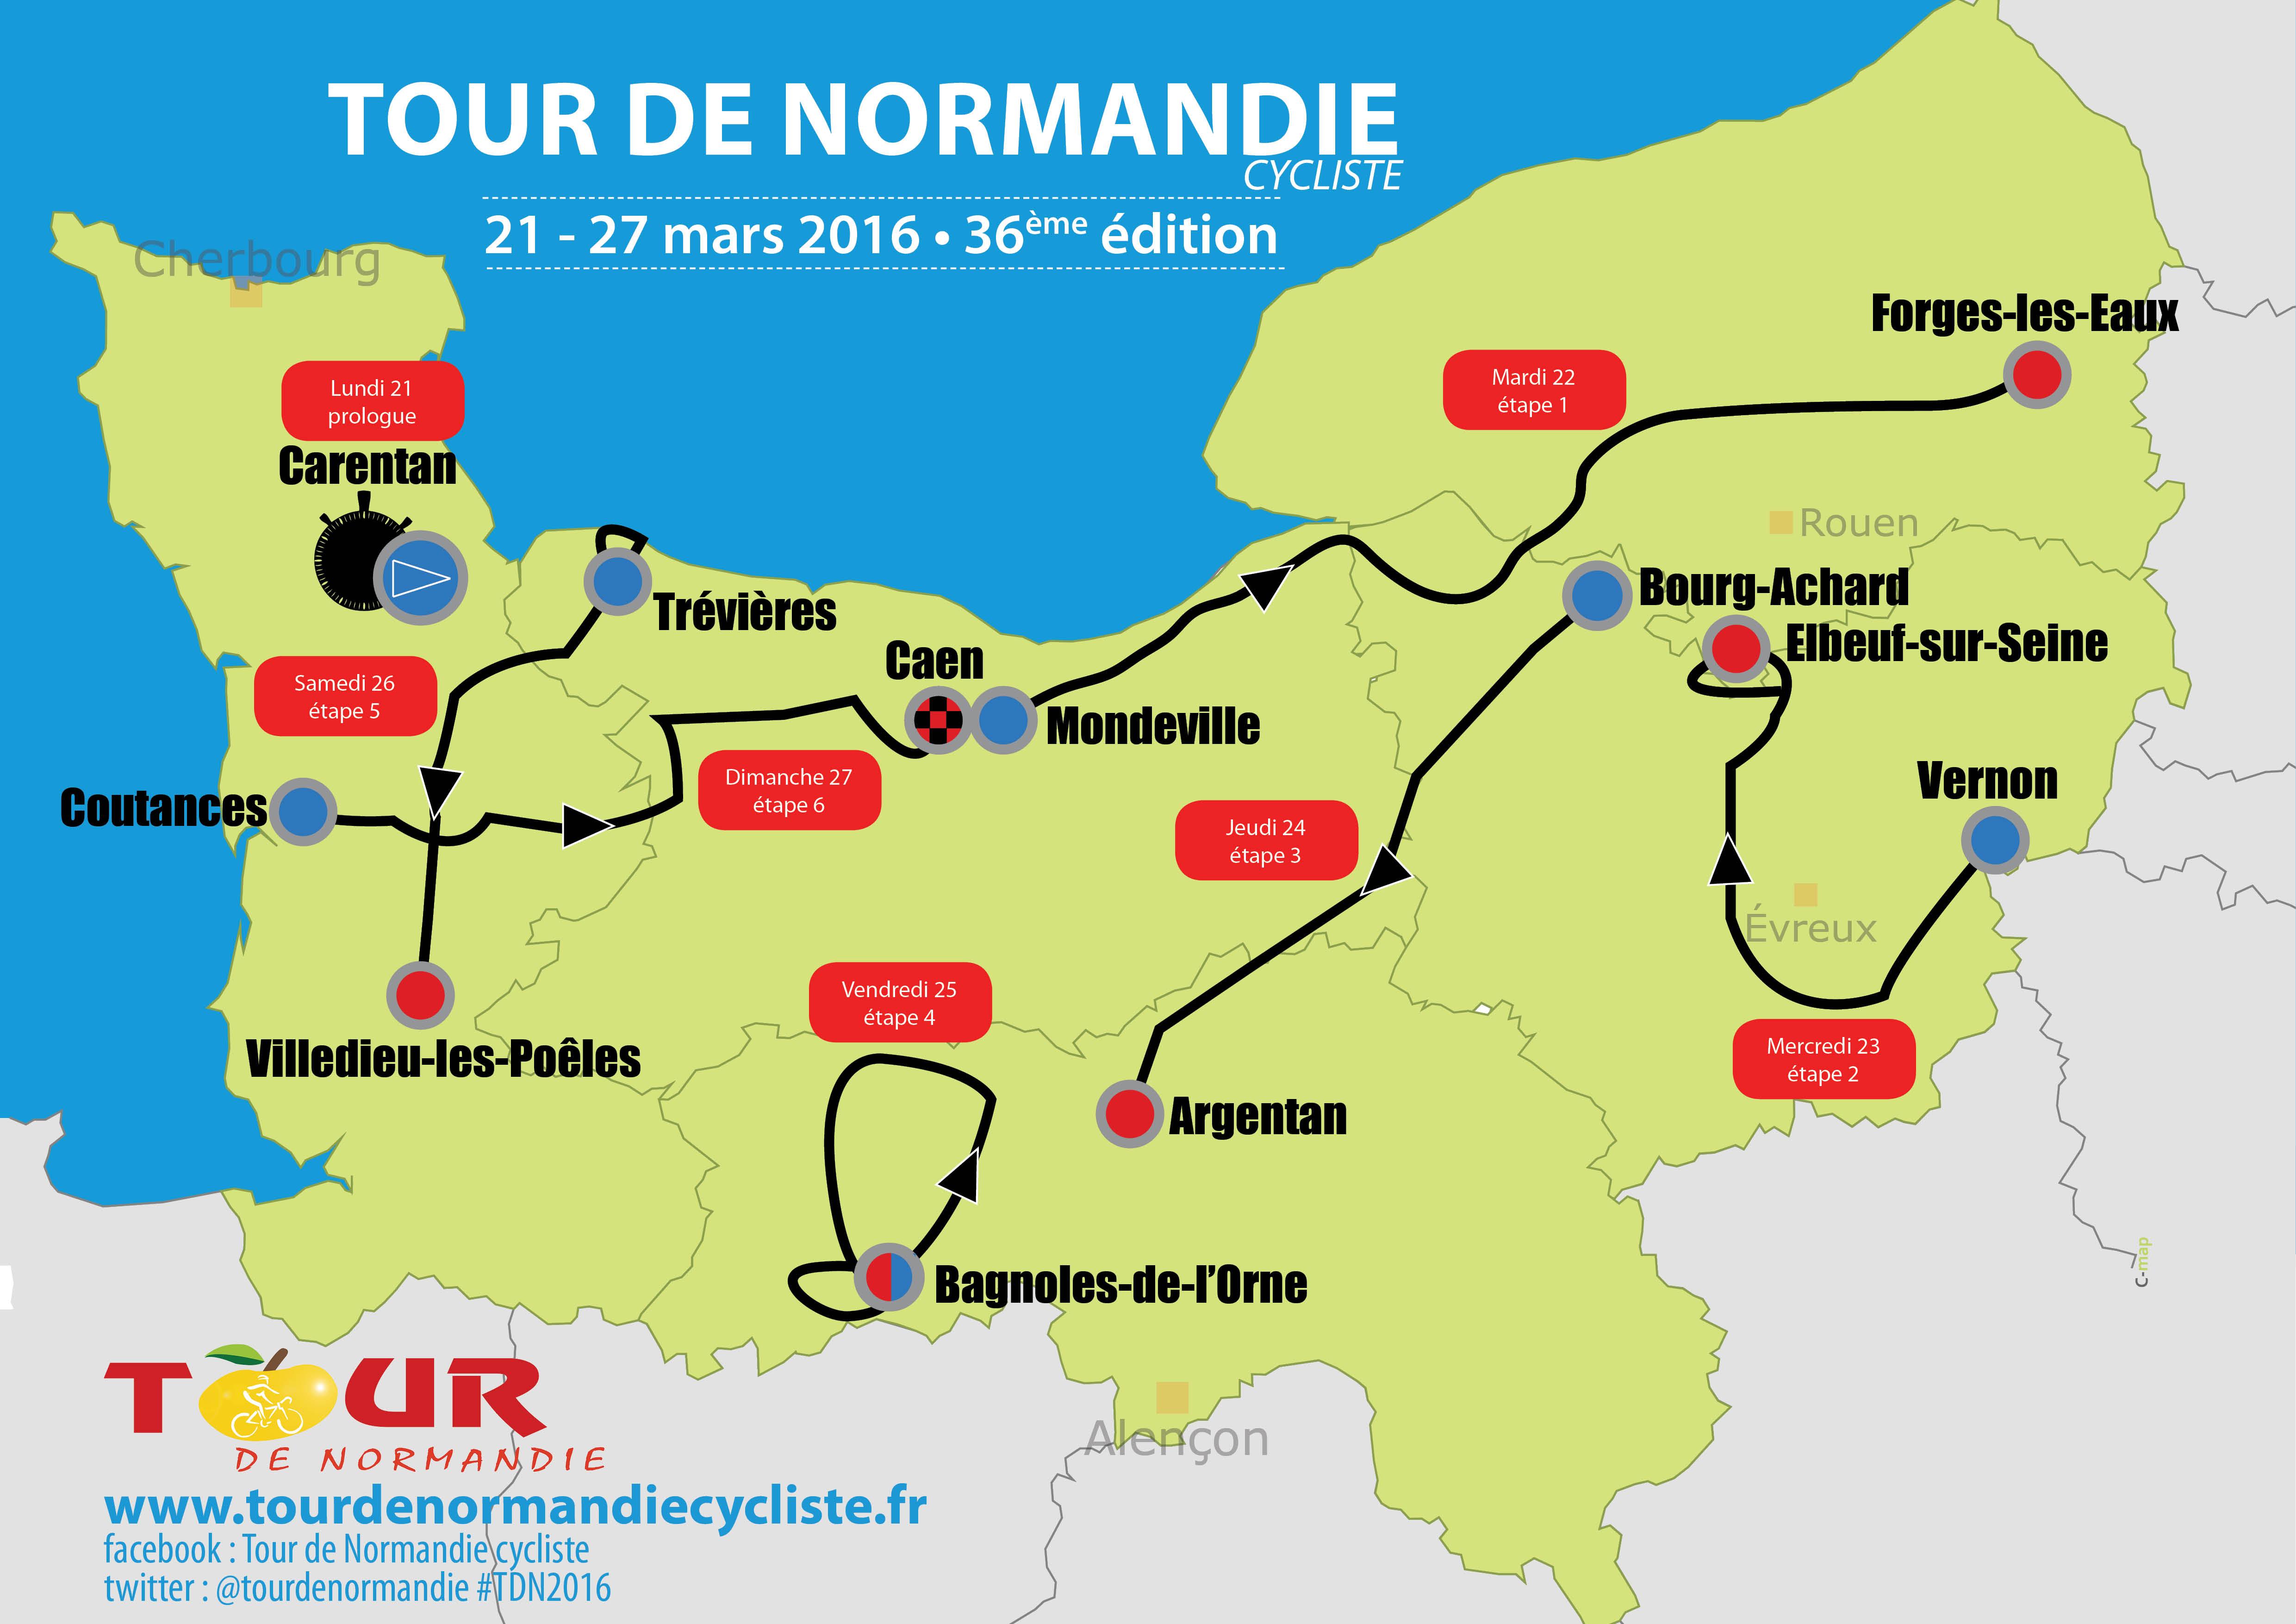 Le parcours du Tour de Normandie 2016